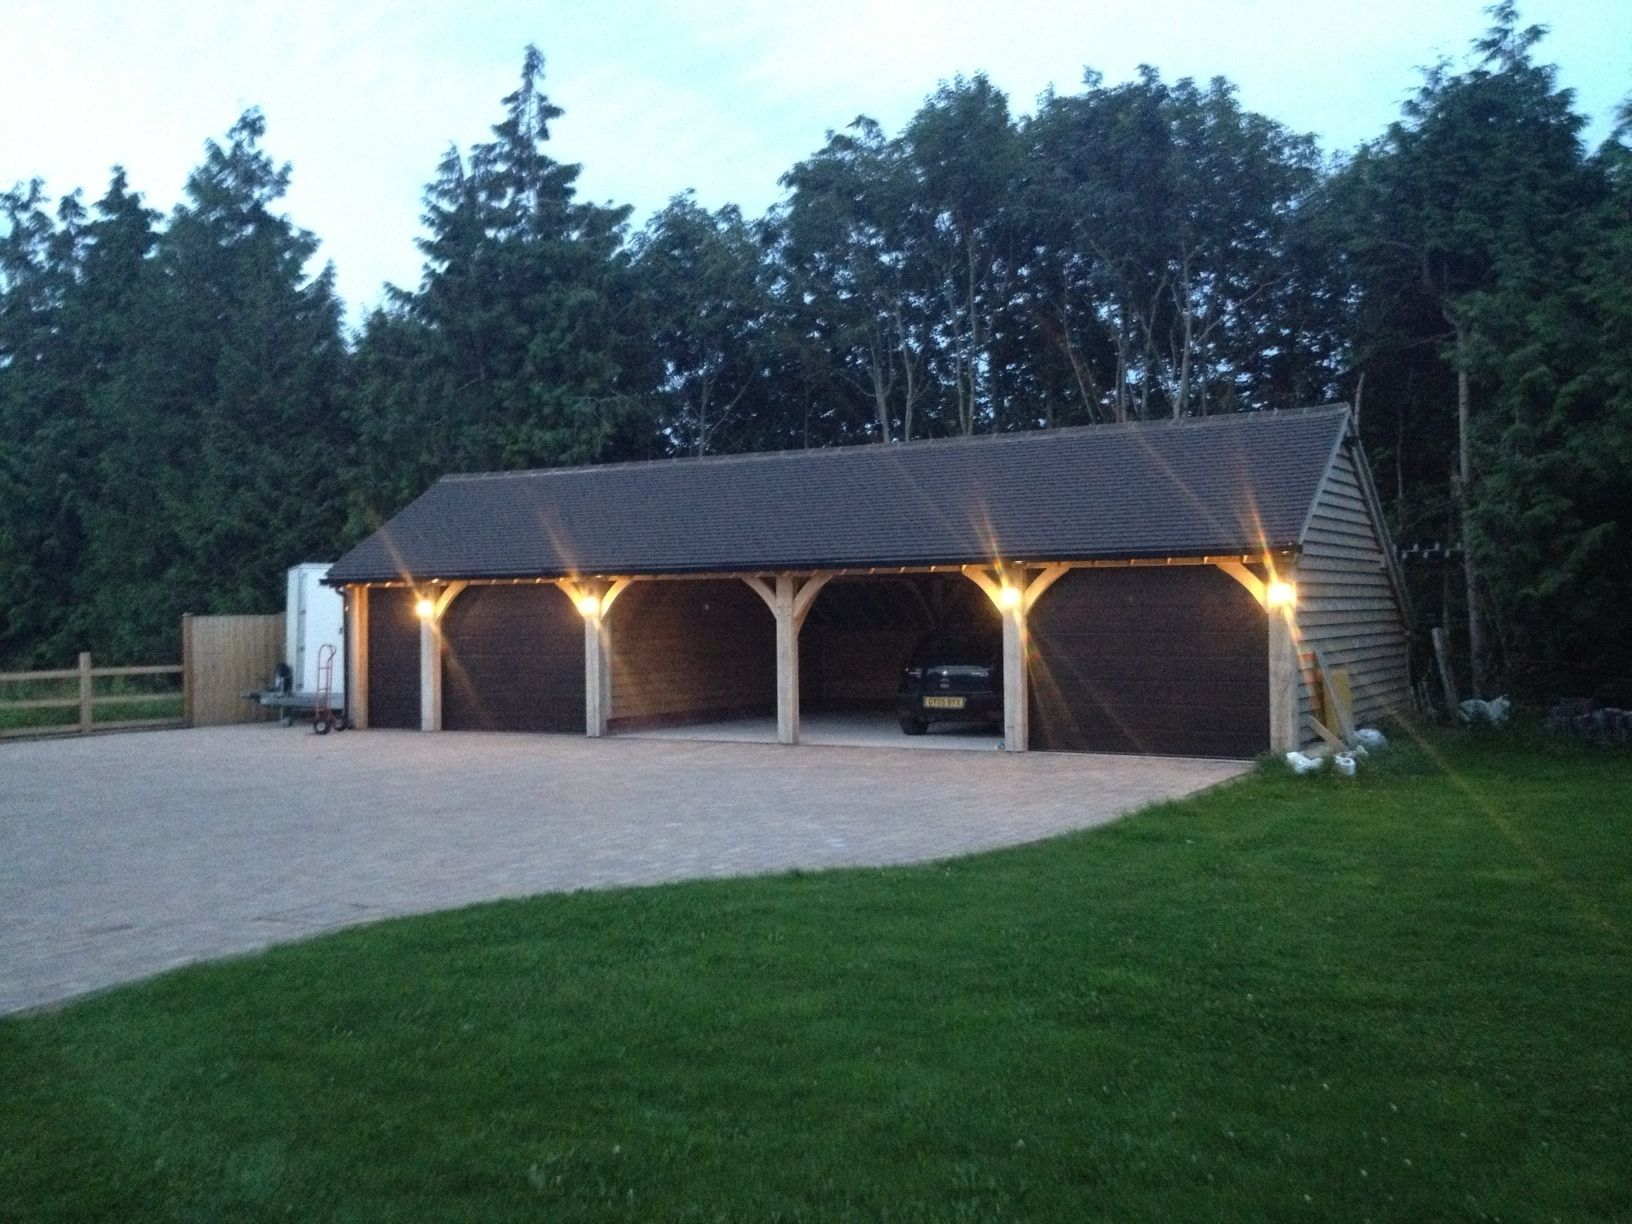 Story Diese Garage An Einem Hang Das Spitzdach Auf Der Hangseite Verlangert Bis Zum Grund Des Hanges Und Im Inneren D Barn Garage Garage Decor Garage Doors